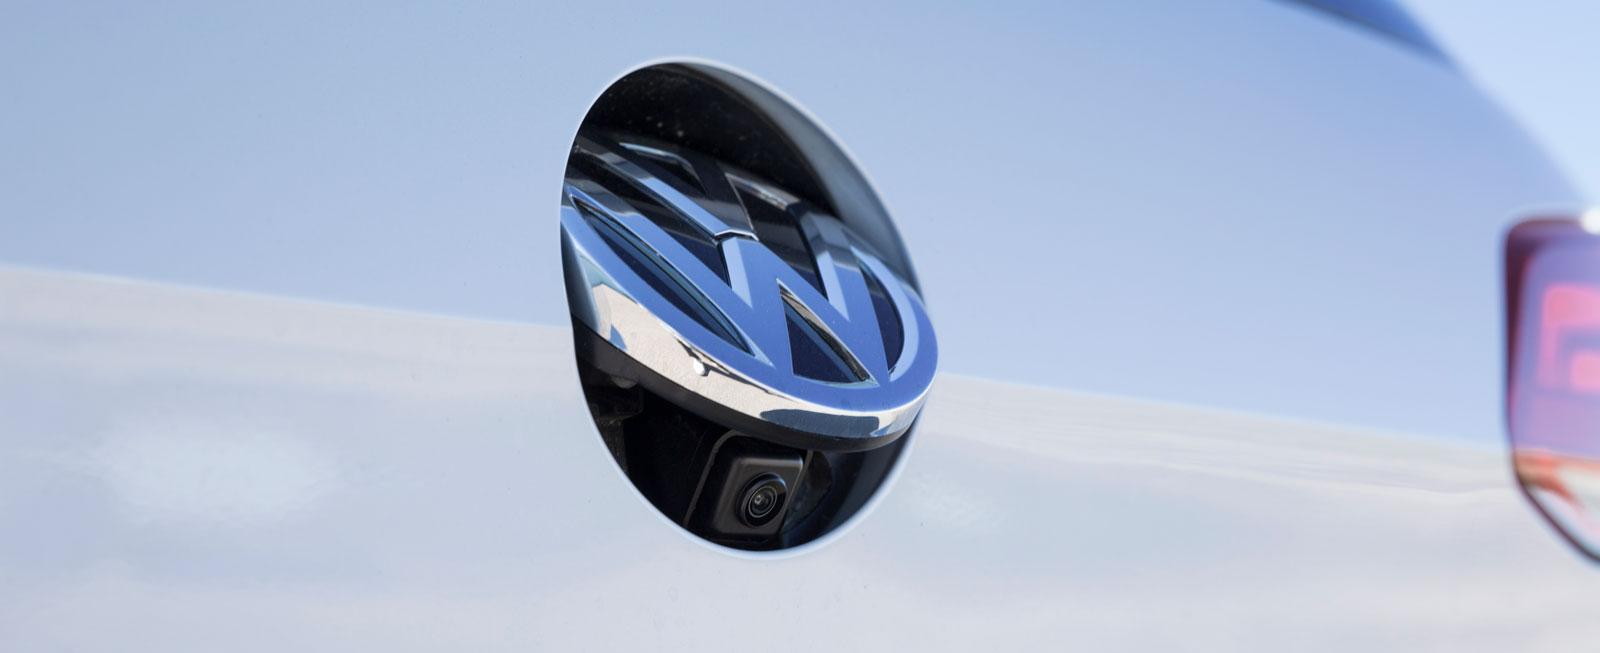 Linsen till backningskameran sitter väl skyddad i märkes-emblemet. På många nyare VW-modeller har den lösningen på nedsmutsningsproblemet av okänd anledning tagits bort.